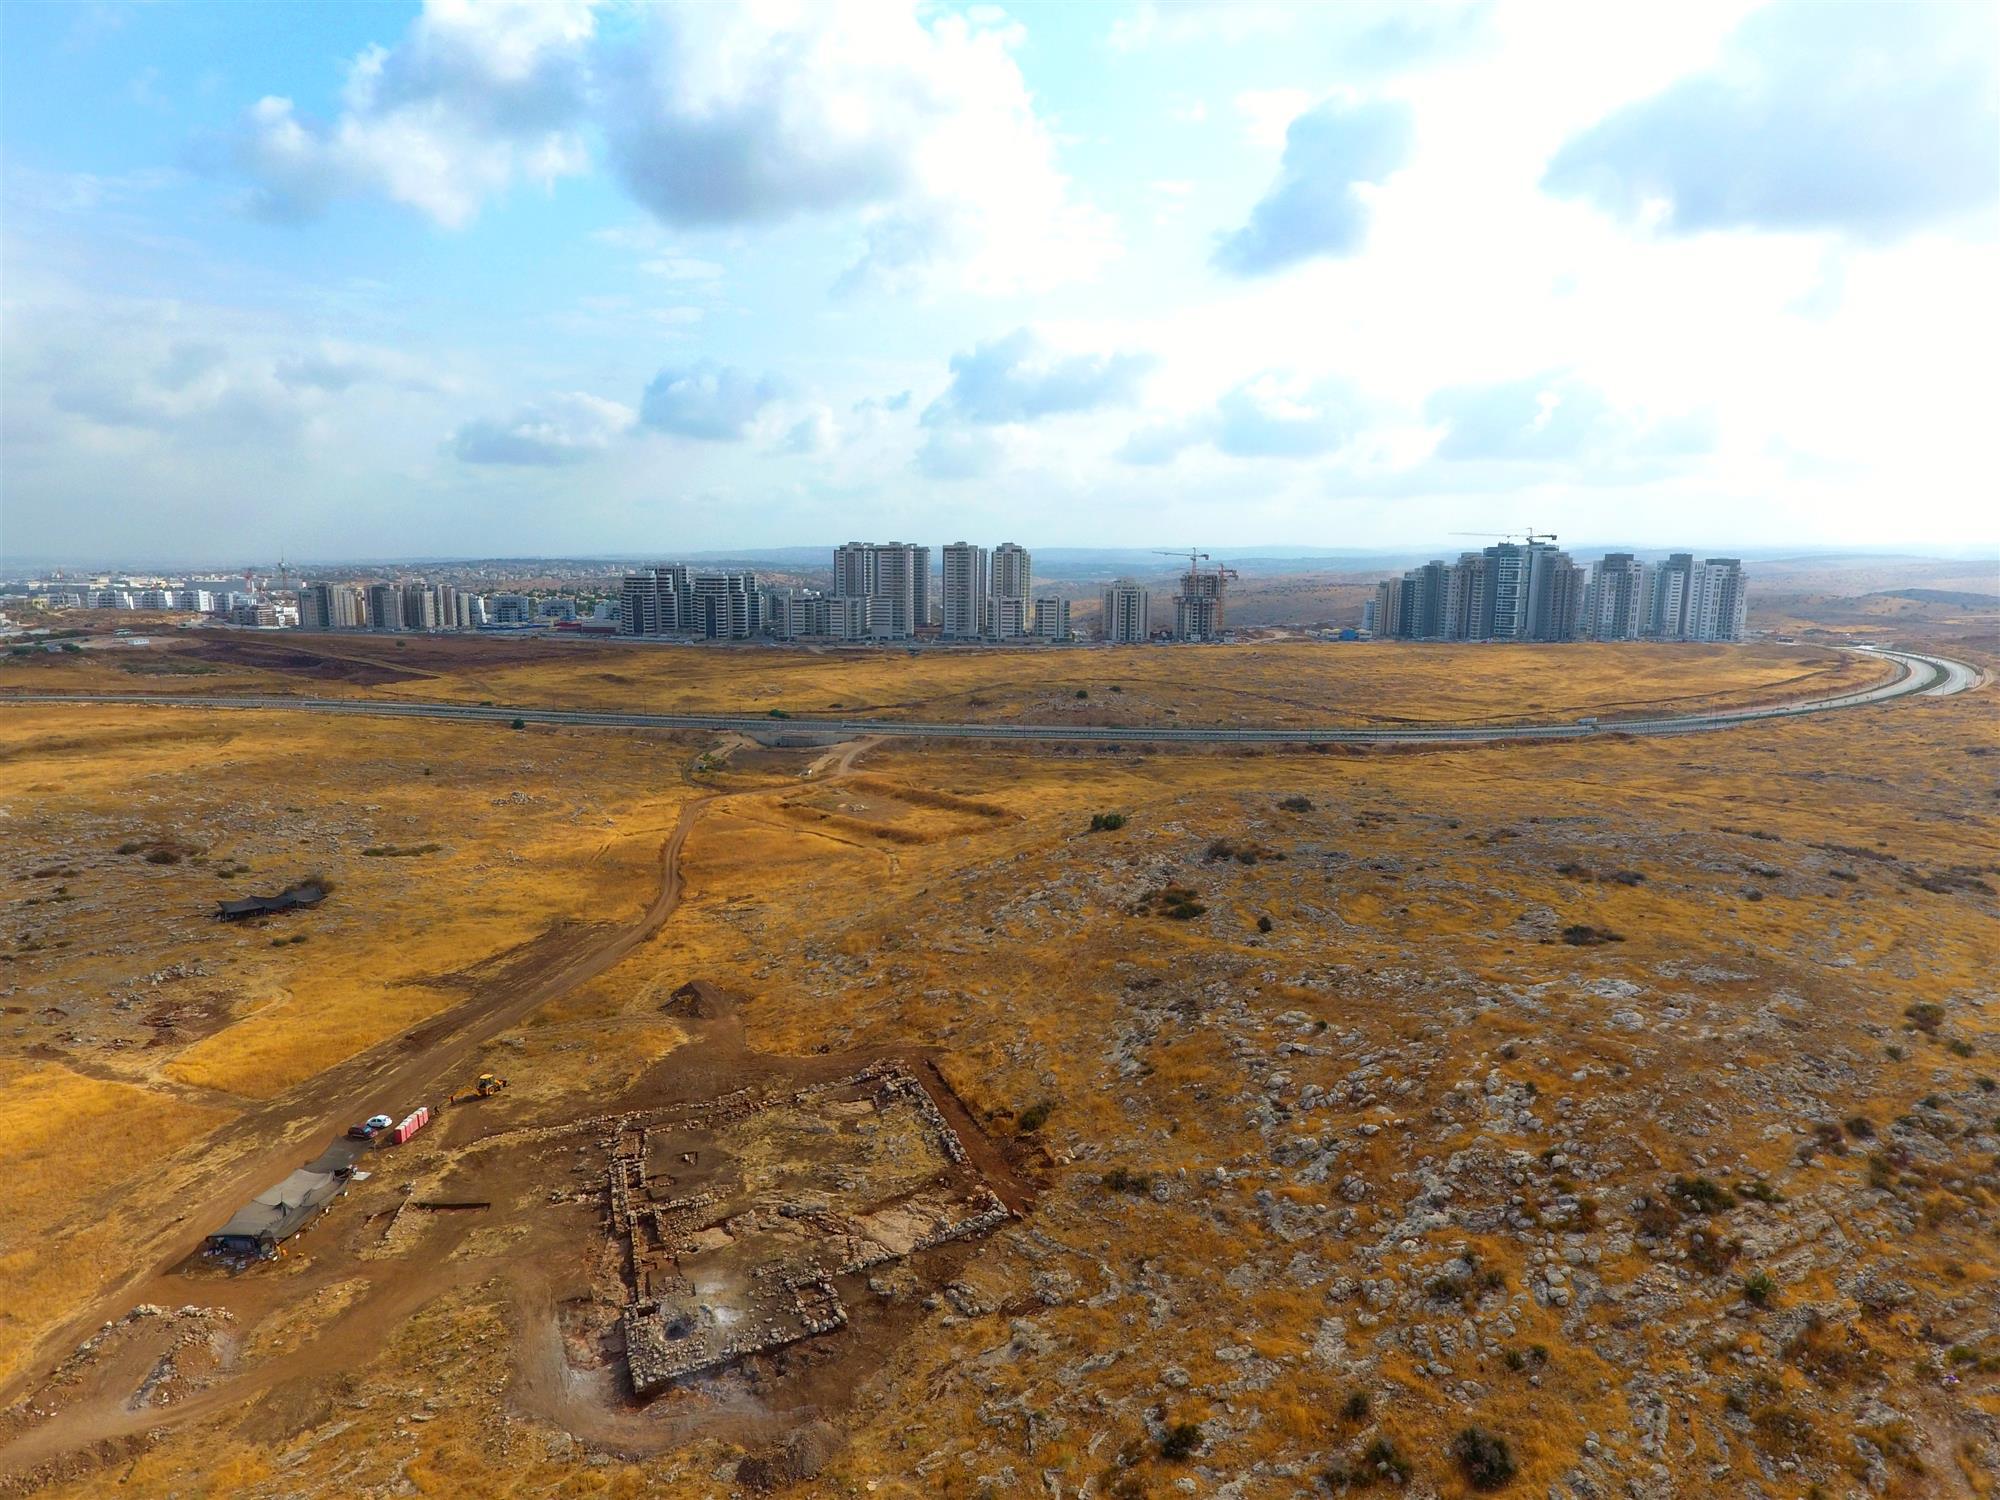 Hallado en Israel un enorme depósito subterráneo de finales de la Edad del Hierro